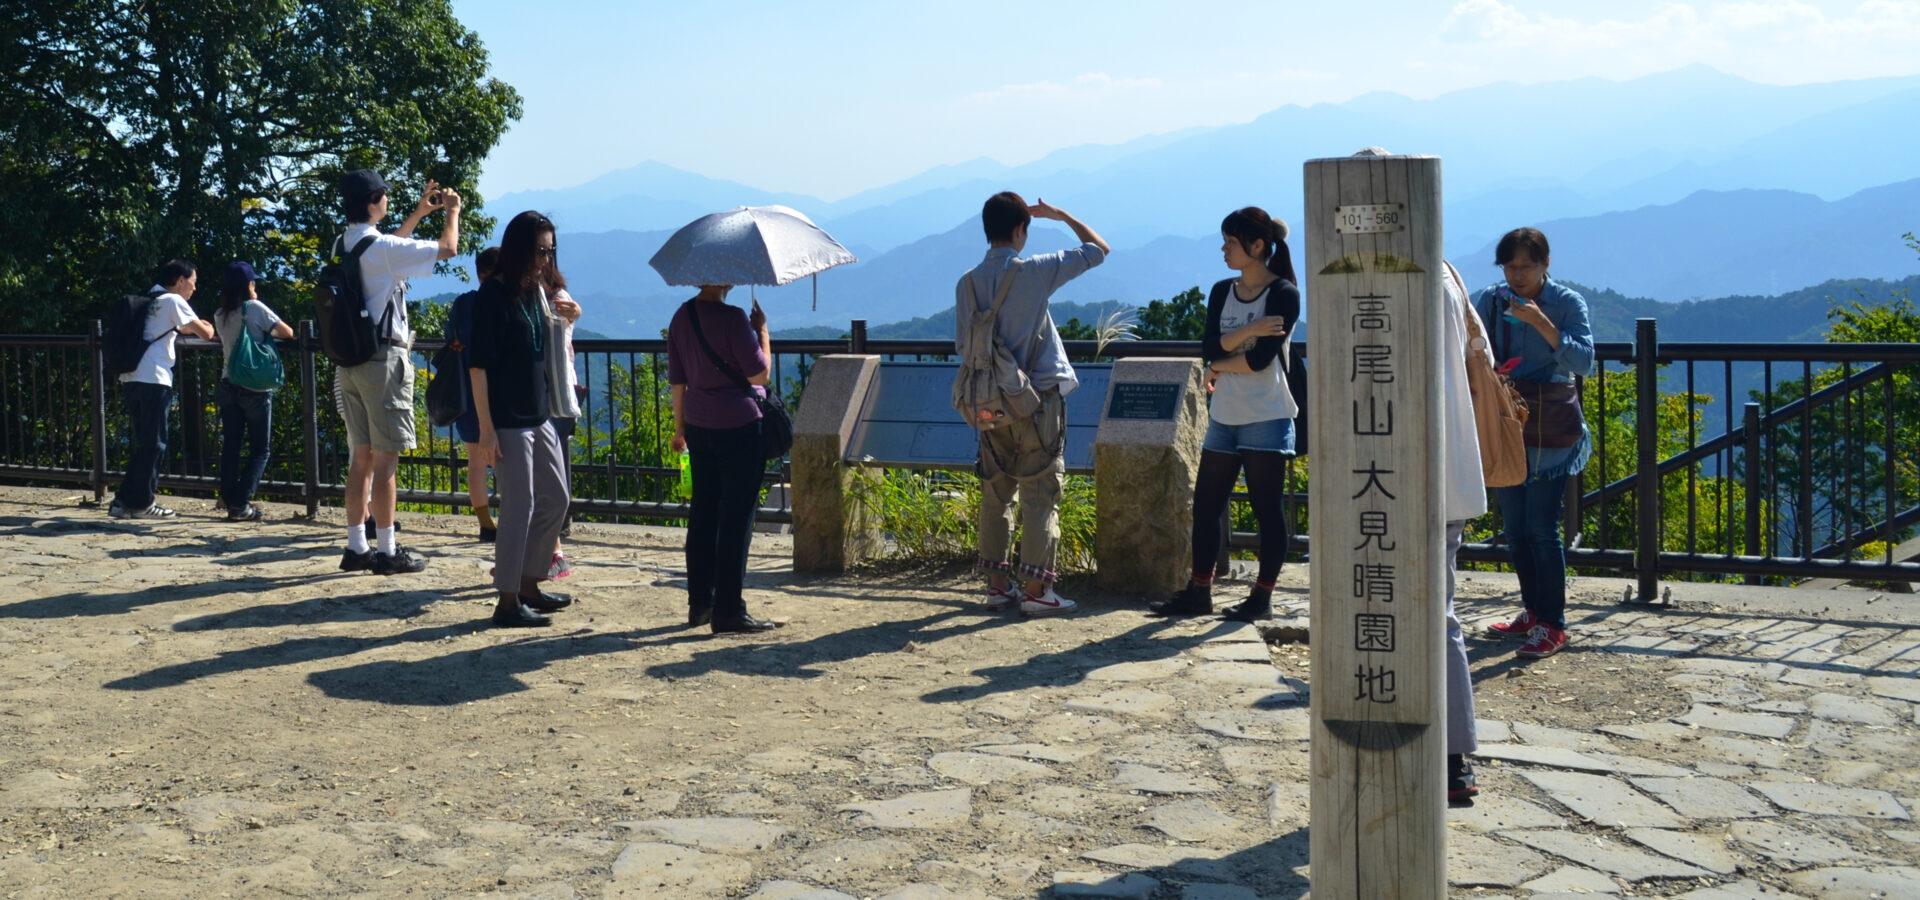 一人の日本語:「山の上」